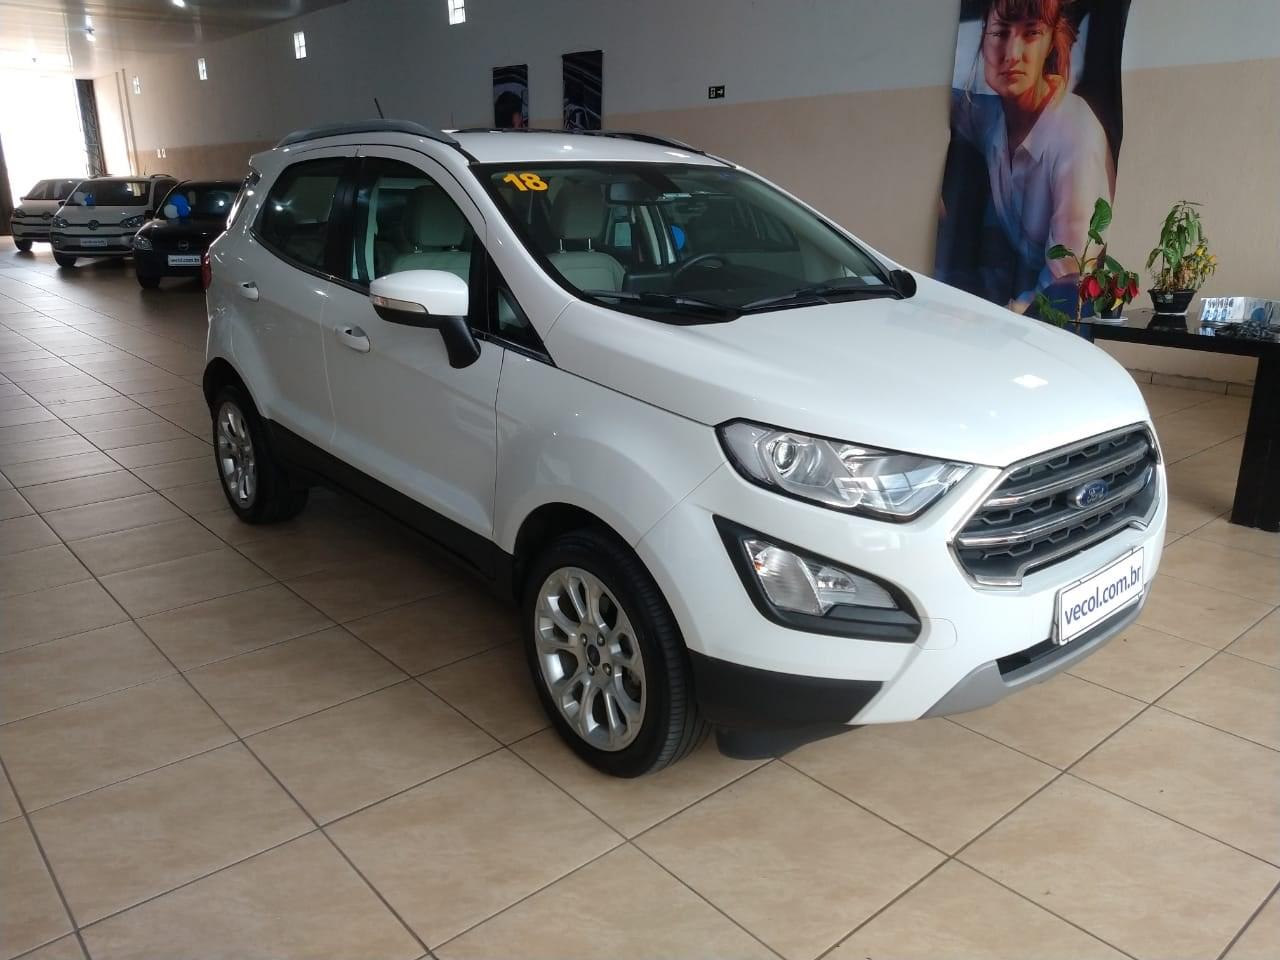 //www.autoline.com.br/carro/ford/ecosport-20-titanium-16v-flex-4p-automatico/2018/piracicaba-sp/13721239